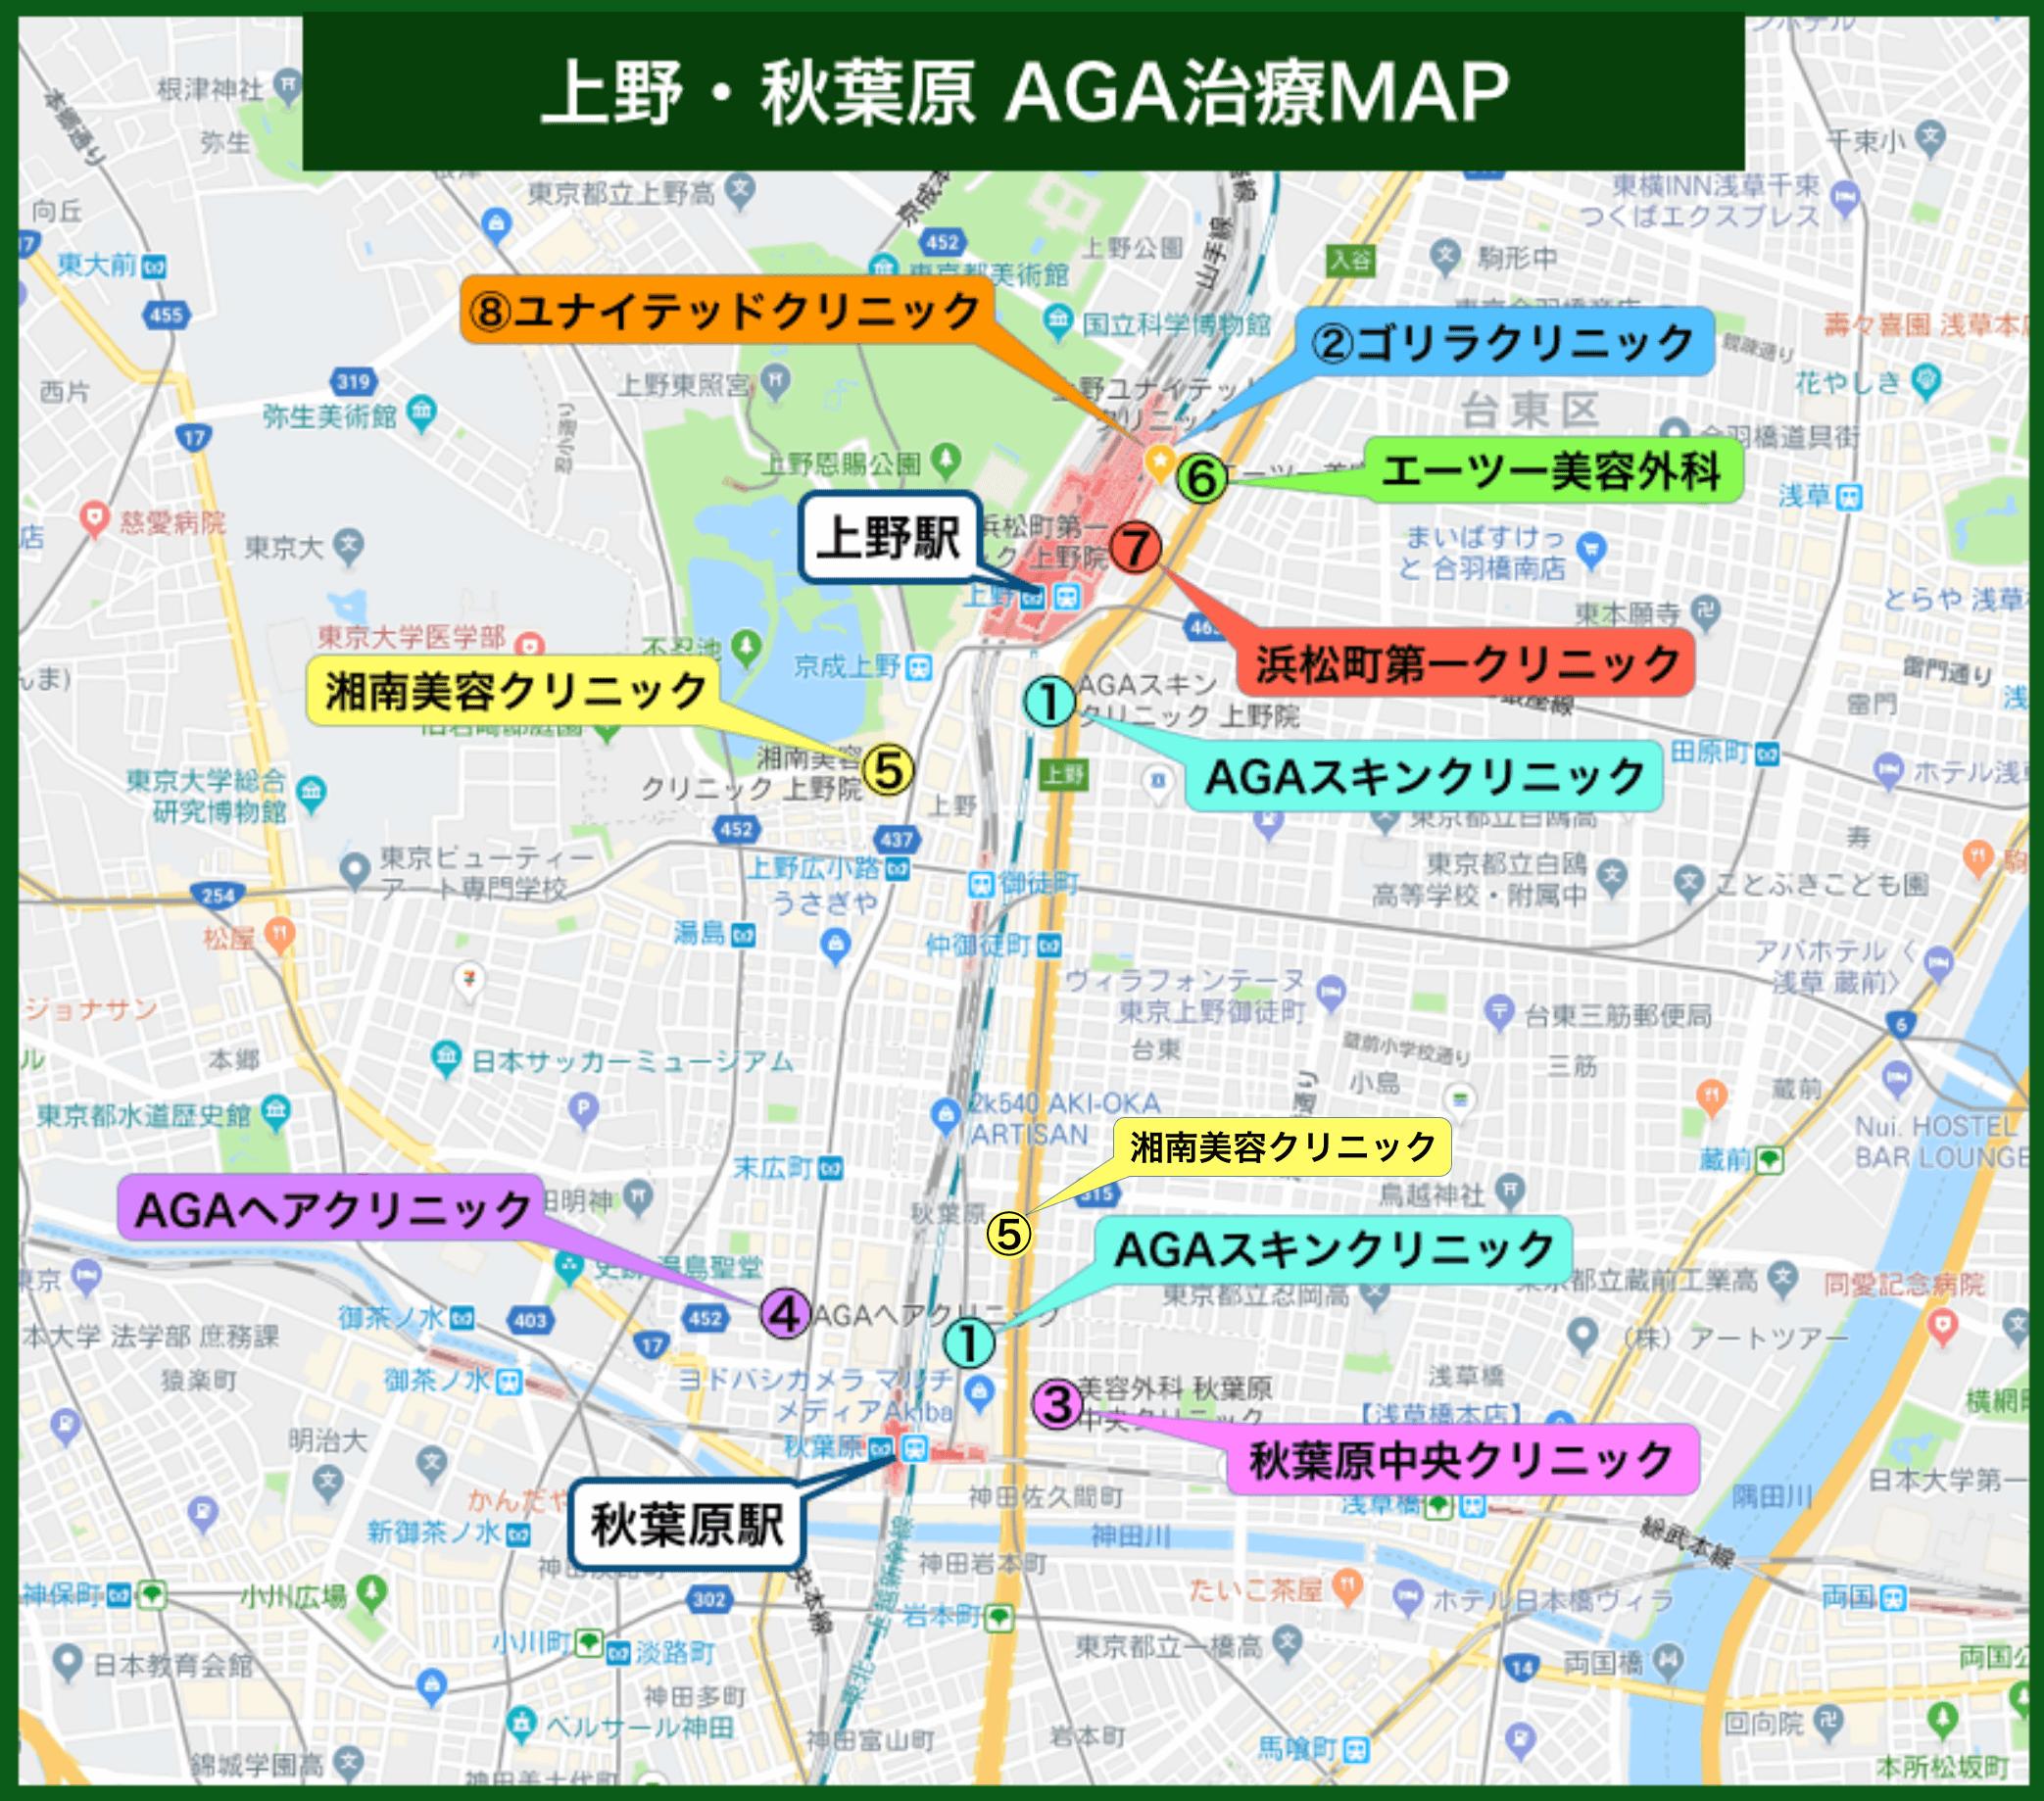 上野・秋葉原AGA治療MAP(2019年版)